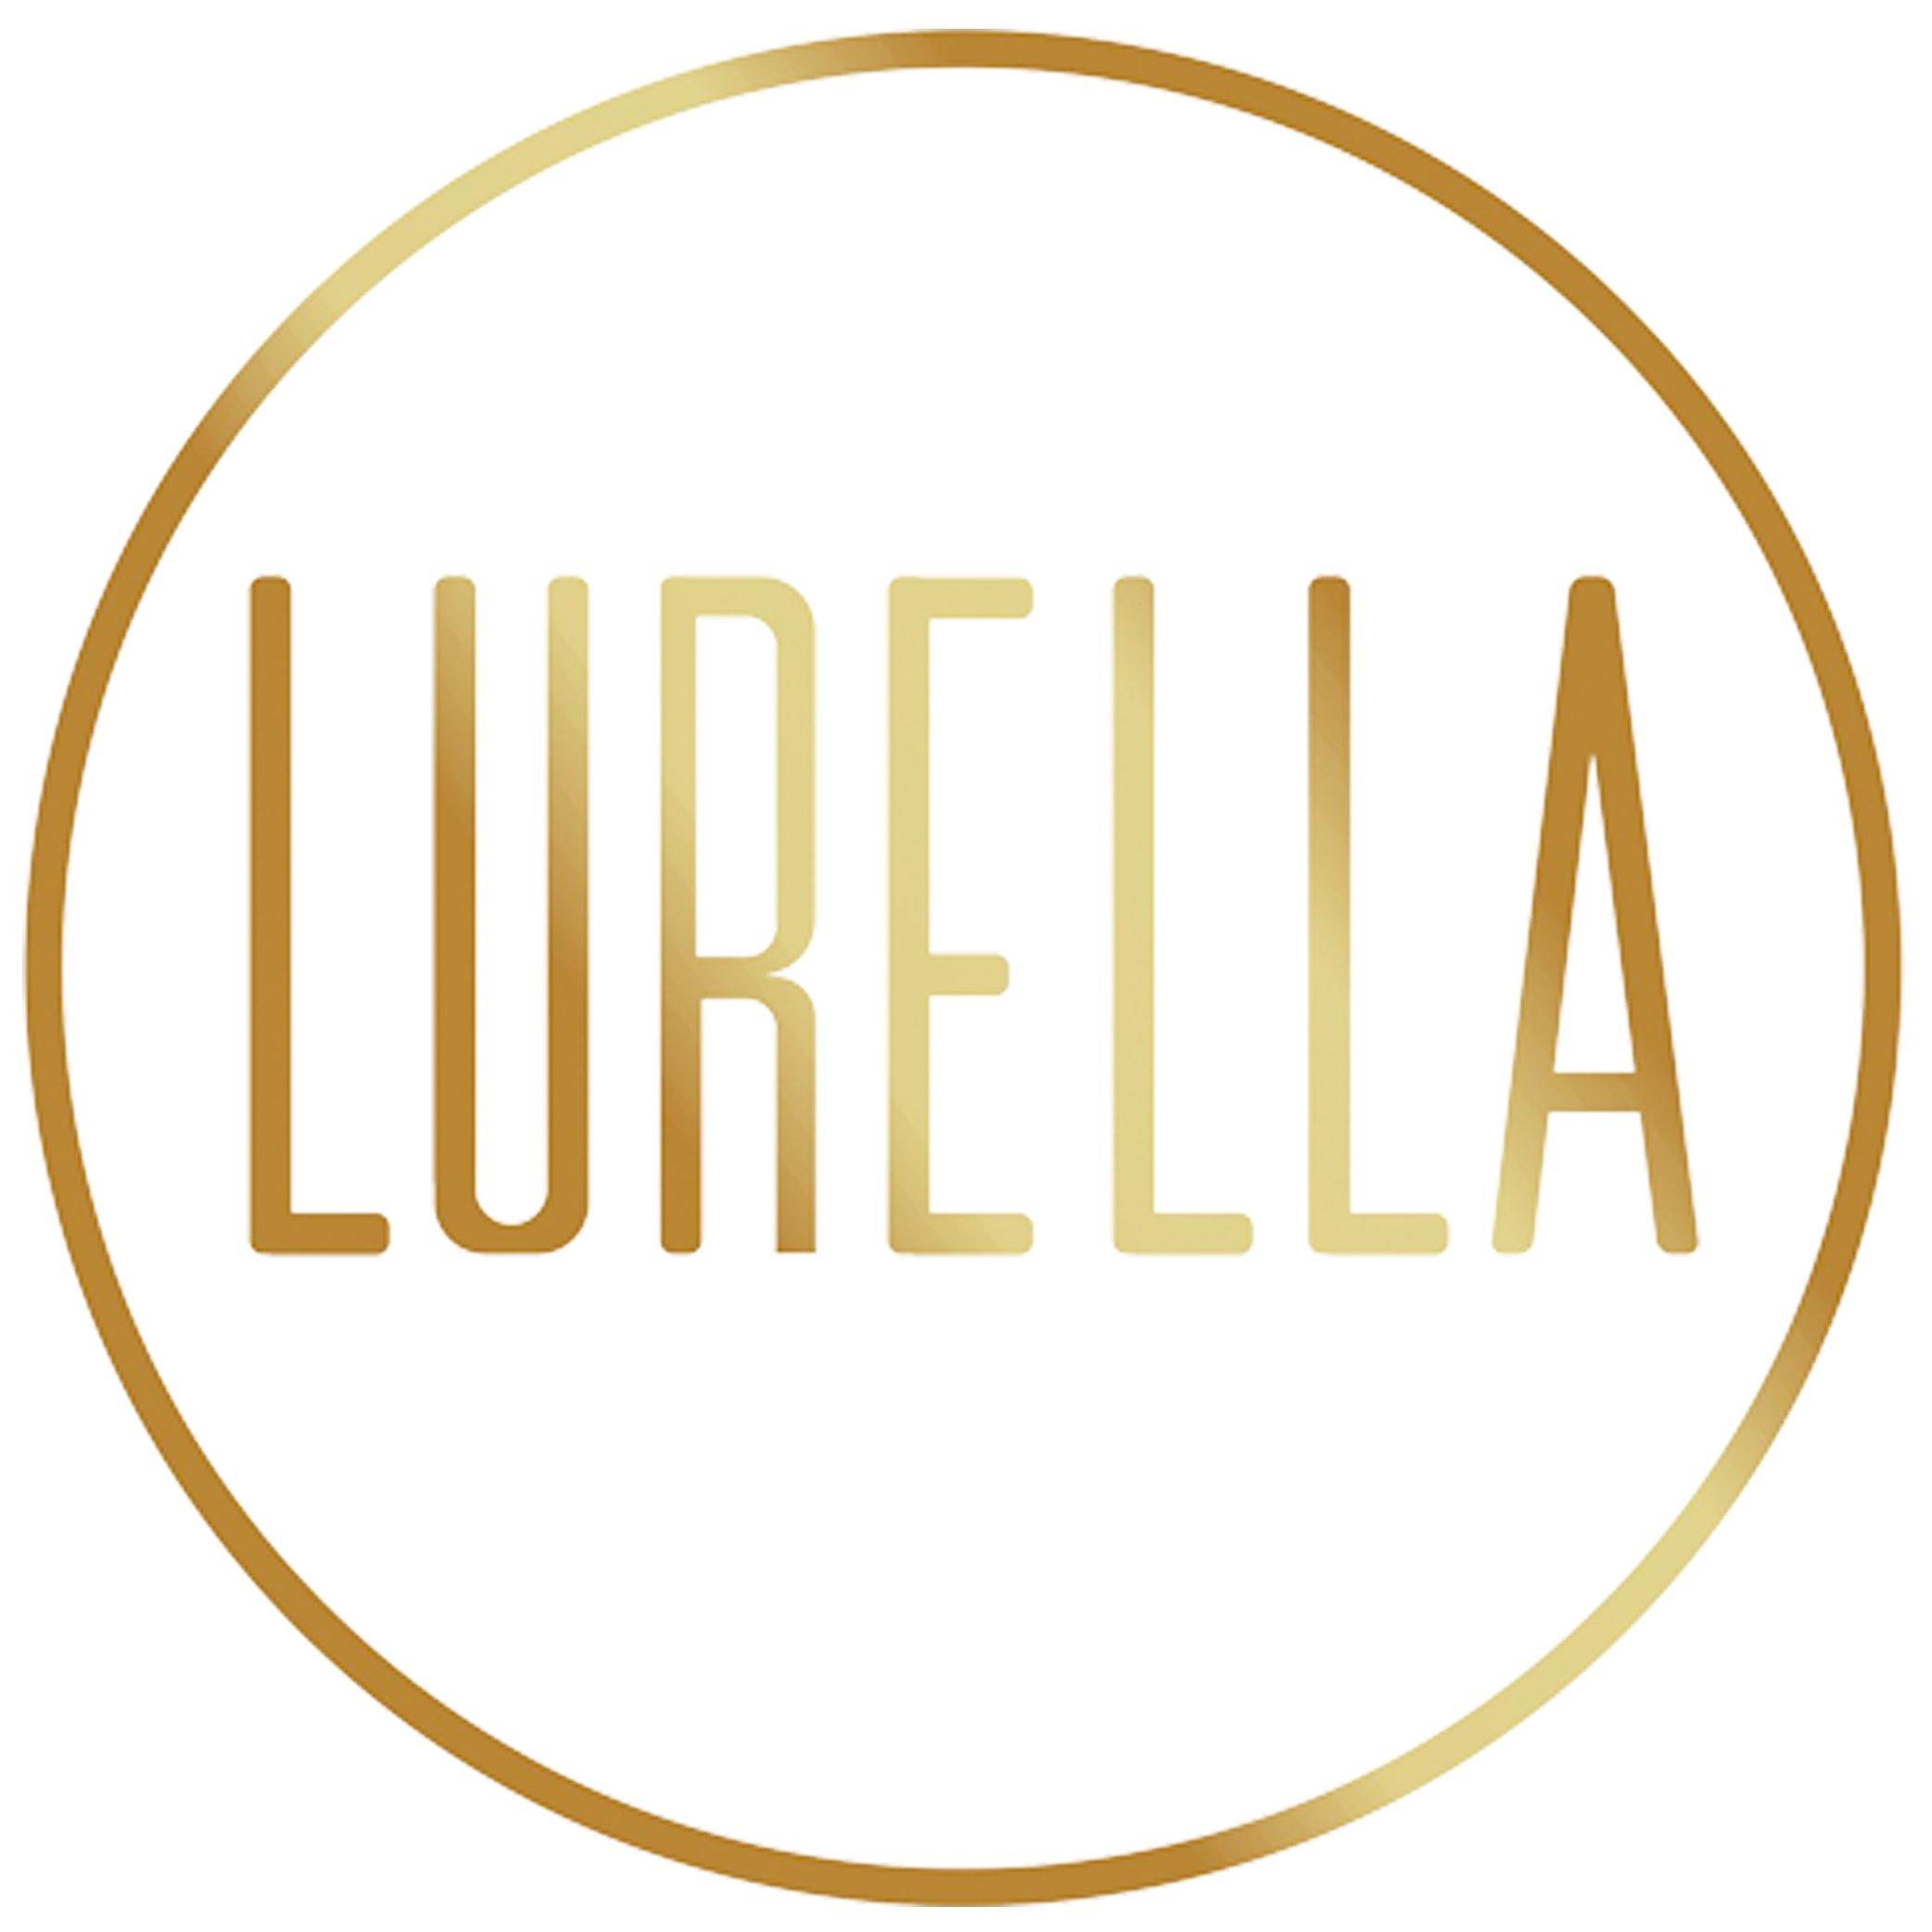 Logo de Lurella